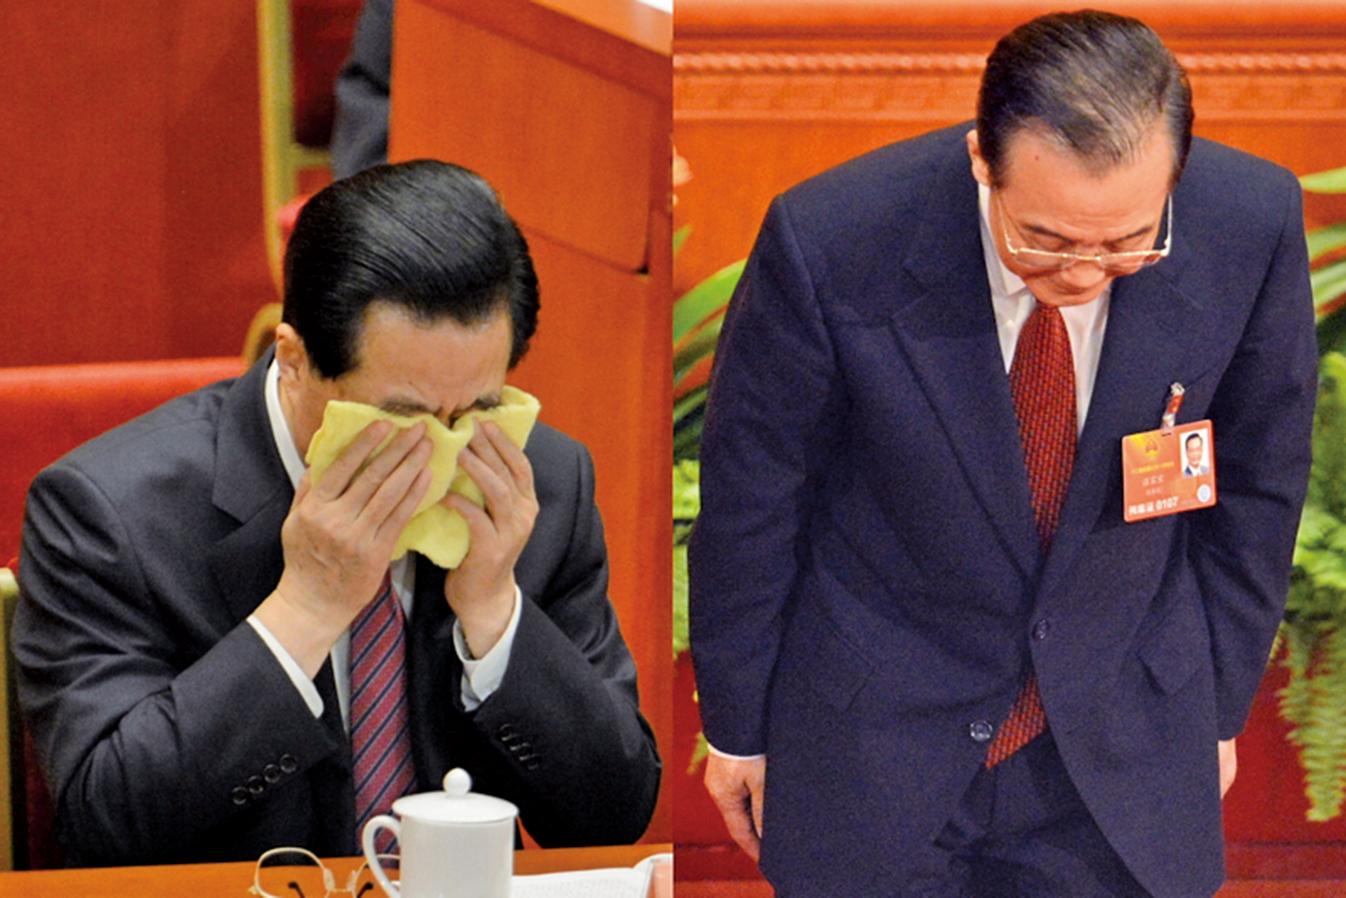 2013年3月,胡錦濤、溫家寶在中共兩會謝幕期間,網絡瘋傳一張胡錦濤掩面哭泣、溫家寶三鞠躬的合成照片。(AFP)